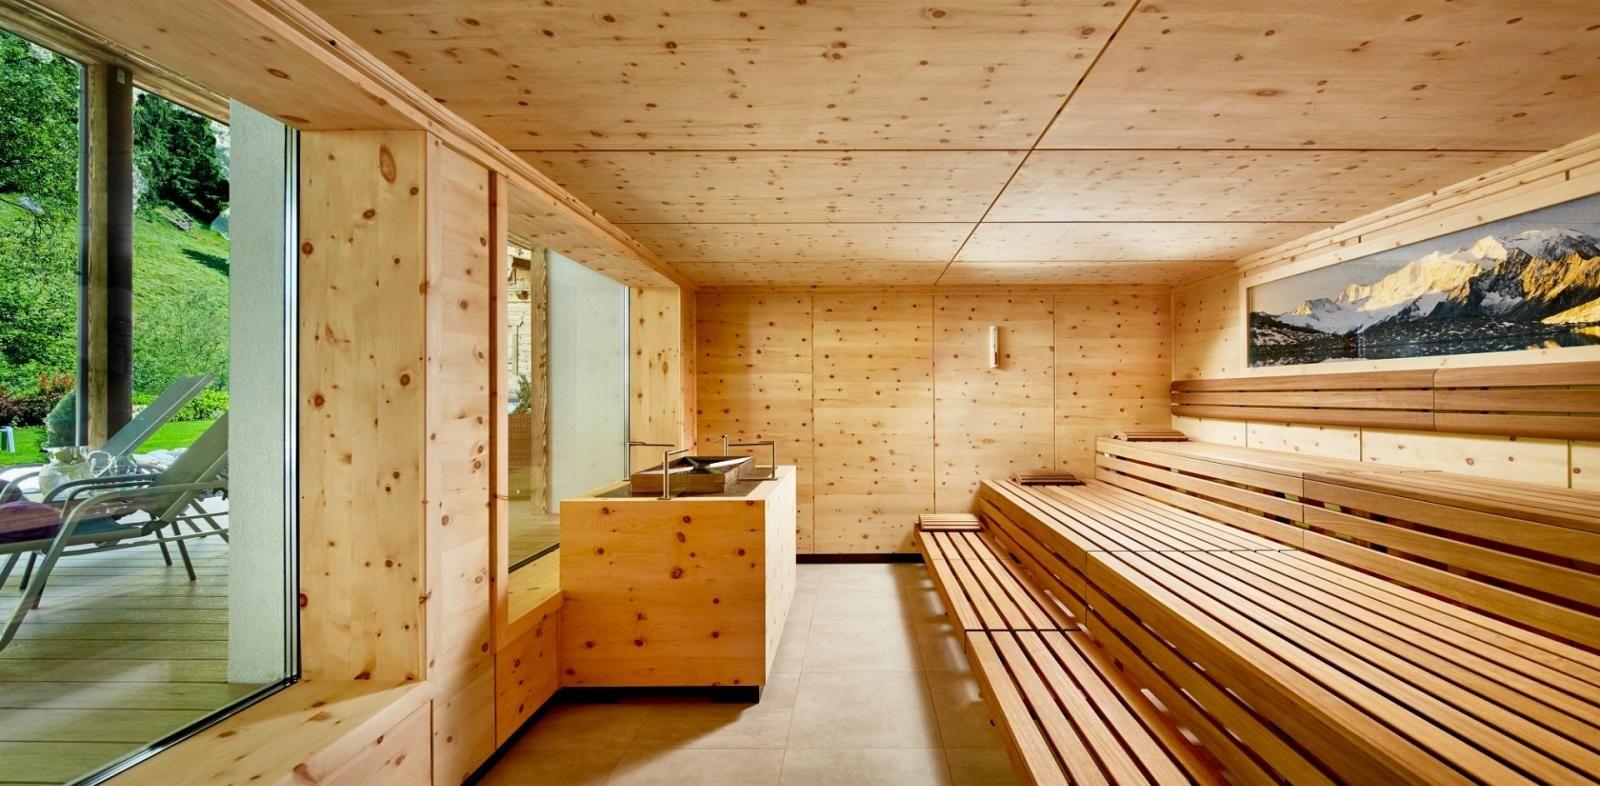 Bezaubernd Sauna Bilder Foto Von Alpin Lodge Das Zillergrund - Mountain Relax